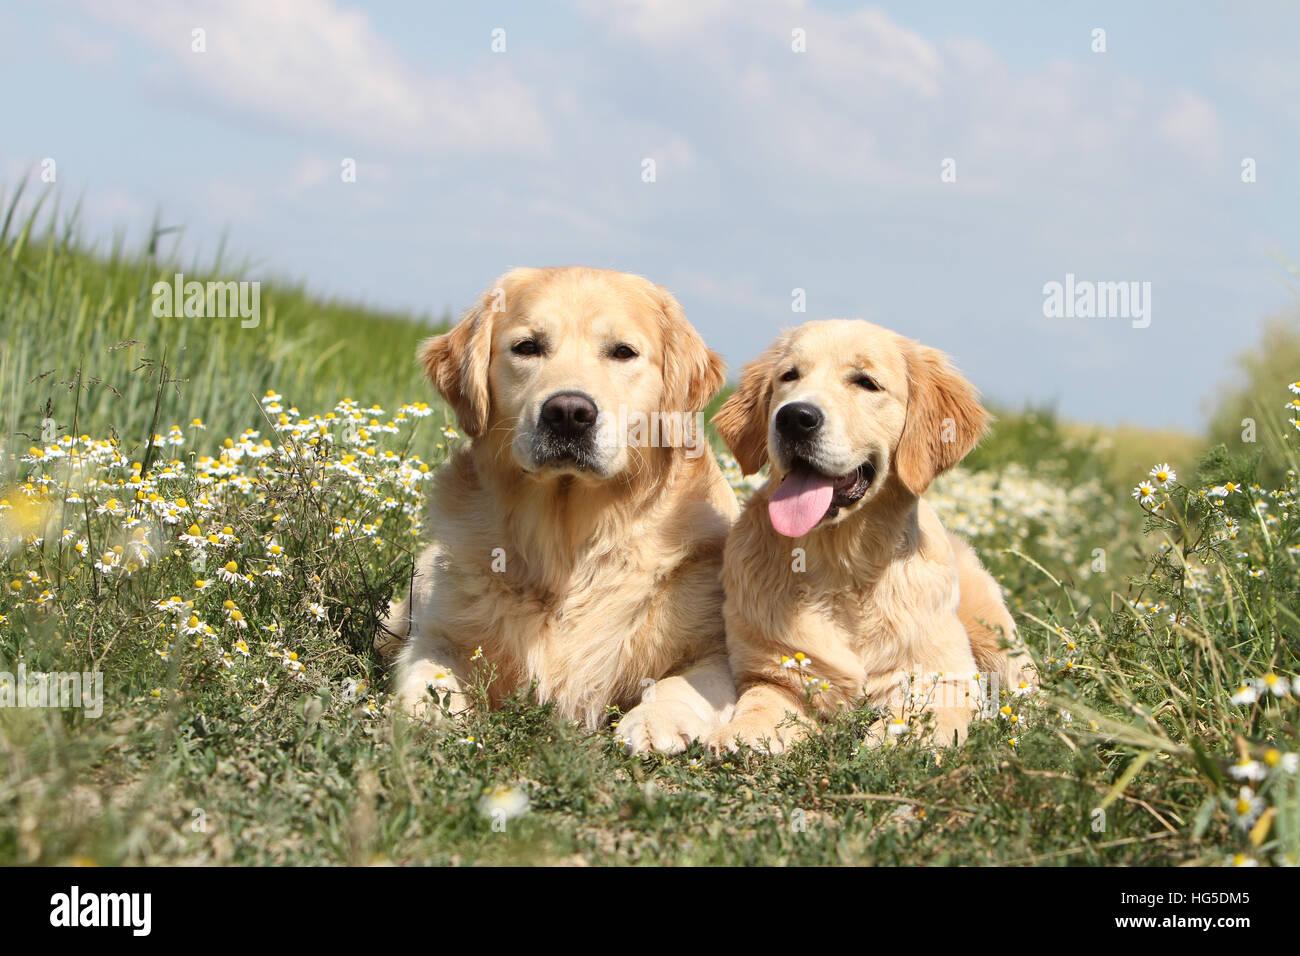 Hund Golden Retriever zwei Erwachsene auf dem Boden liegend Stockbild